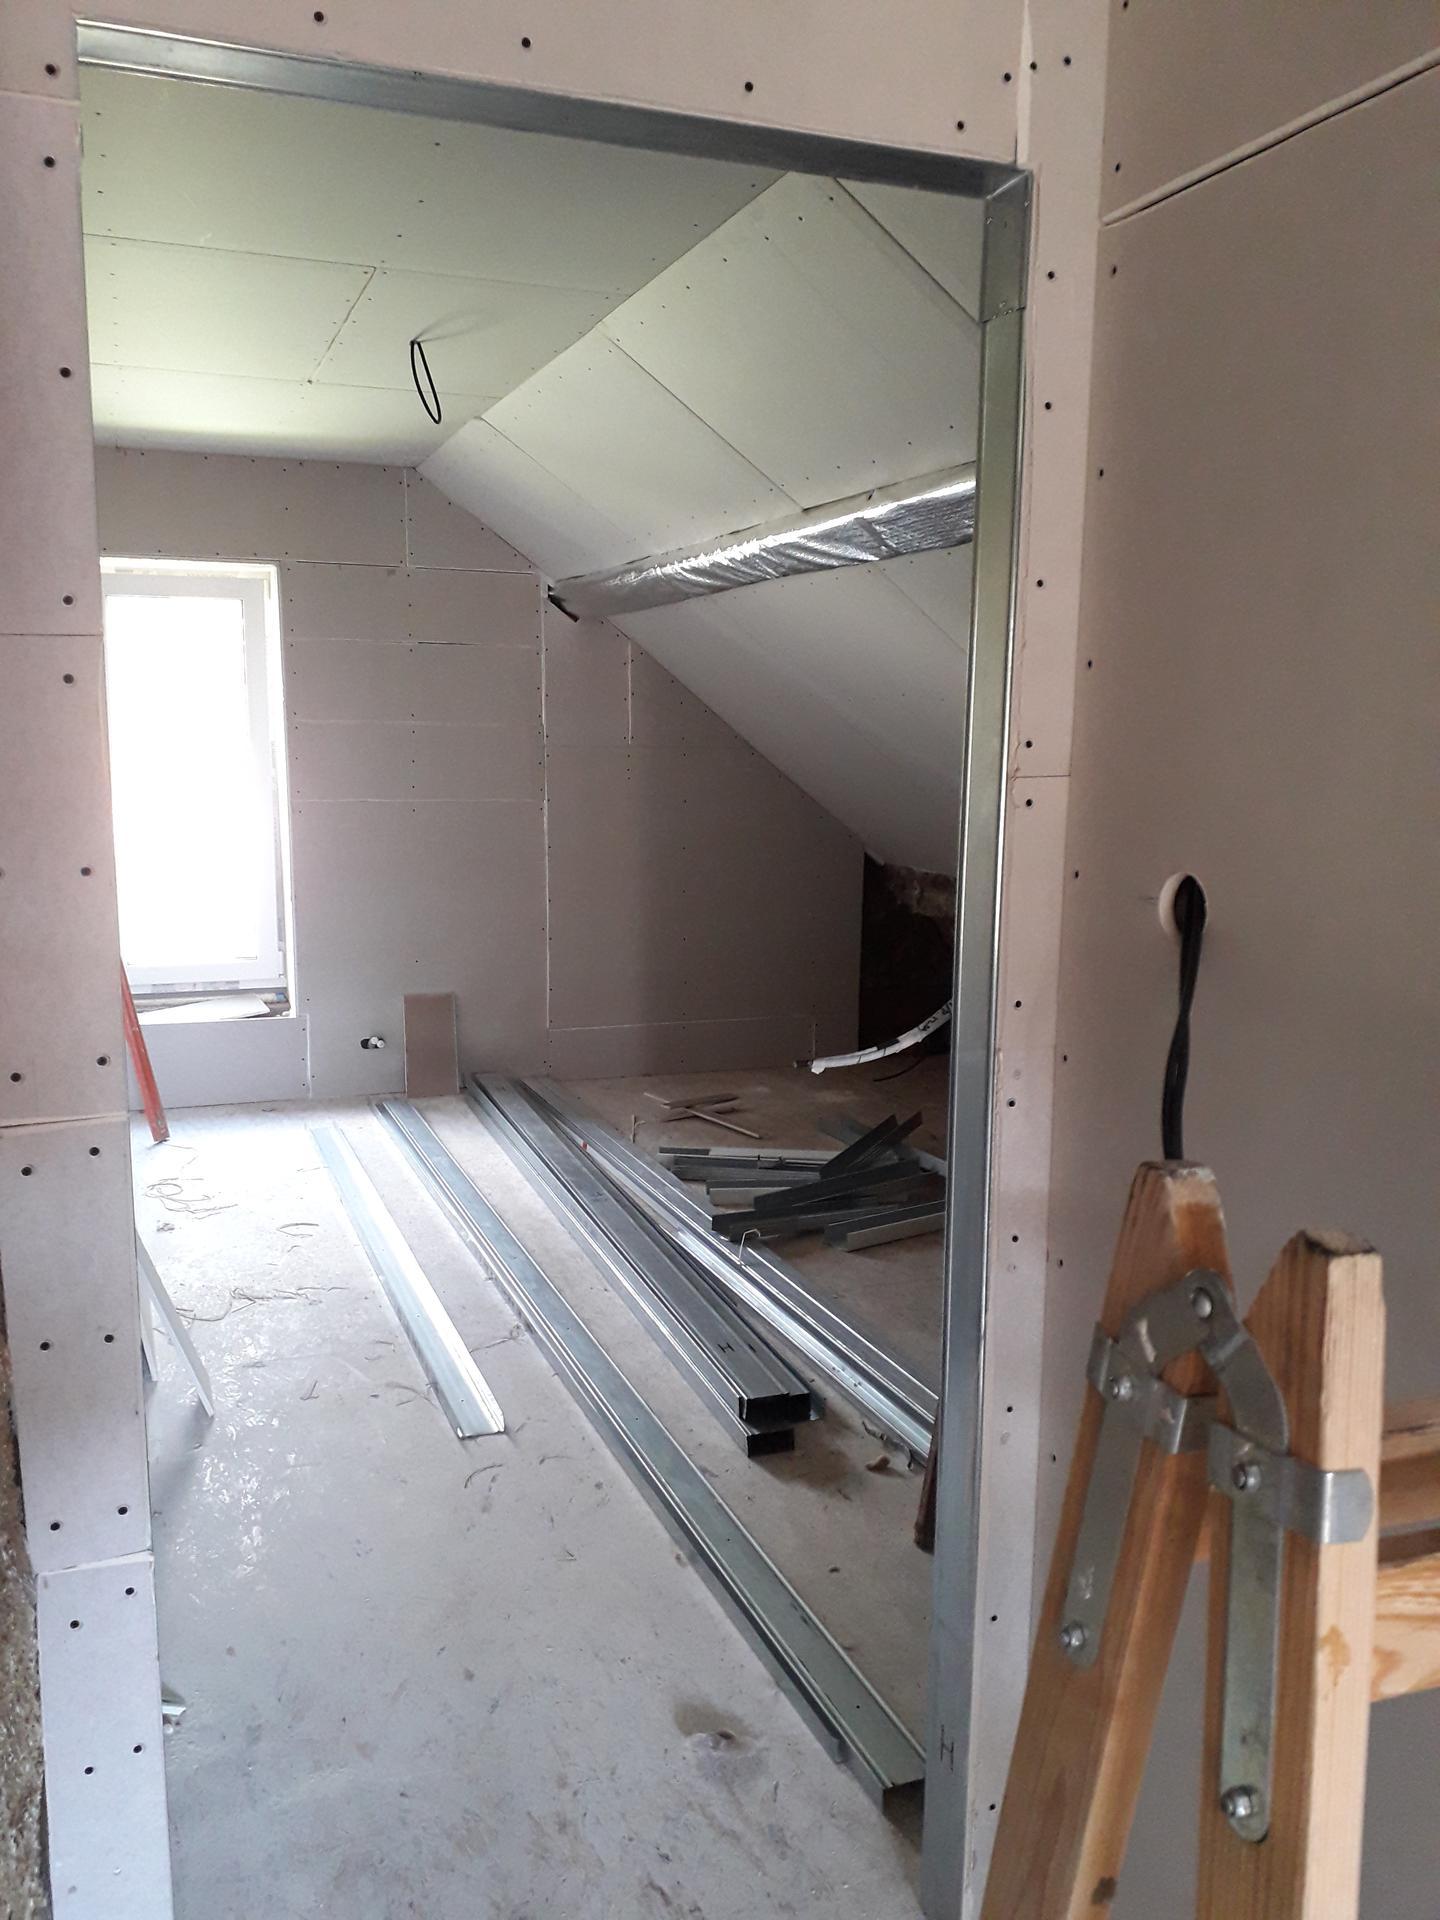 Dom/rekonštrukcia, sen/náročné obdobie :-) - izba- syn 10/2019